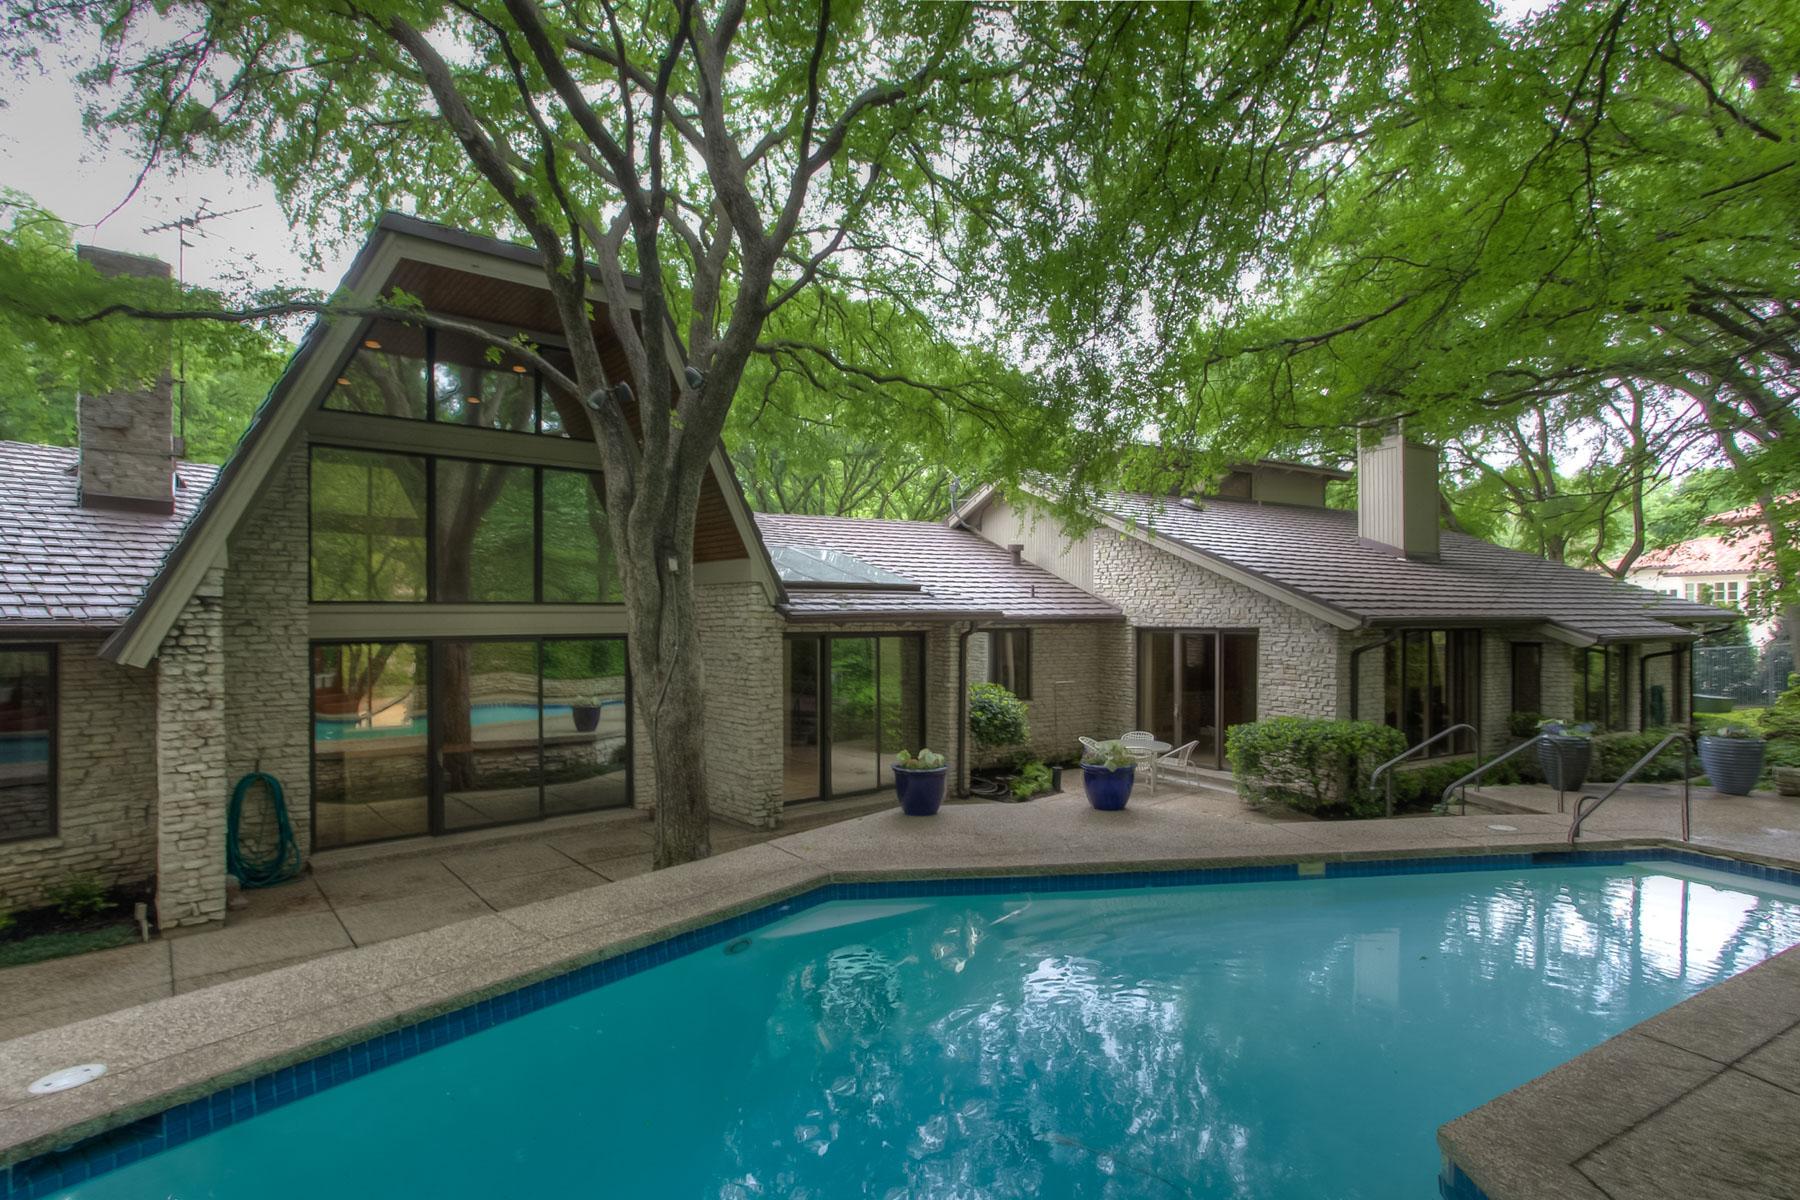 Частный односемейный дом для того Продажа на 2140 Hidden Creek Road Westover Hills, Техас 76107 Соединенные Штаты